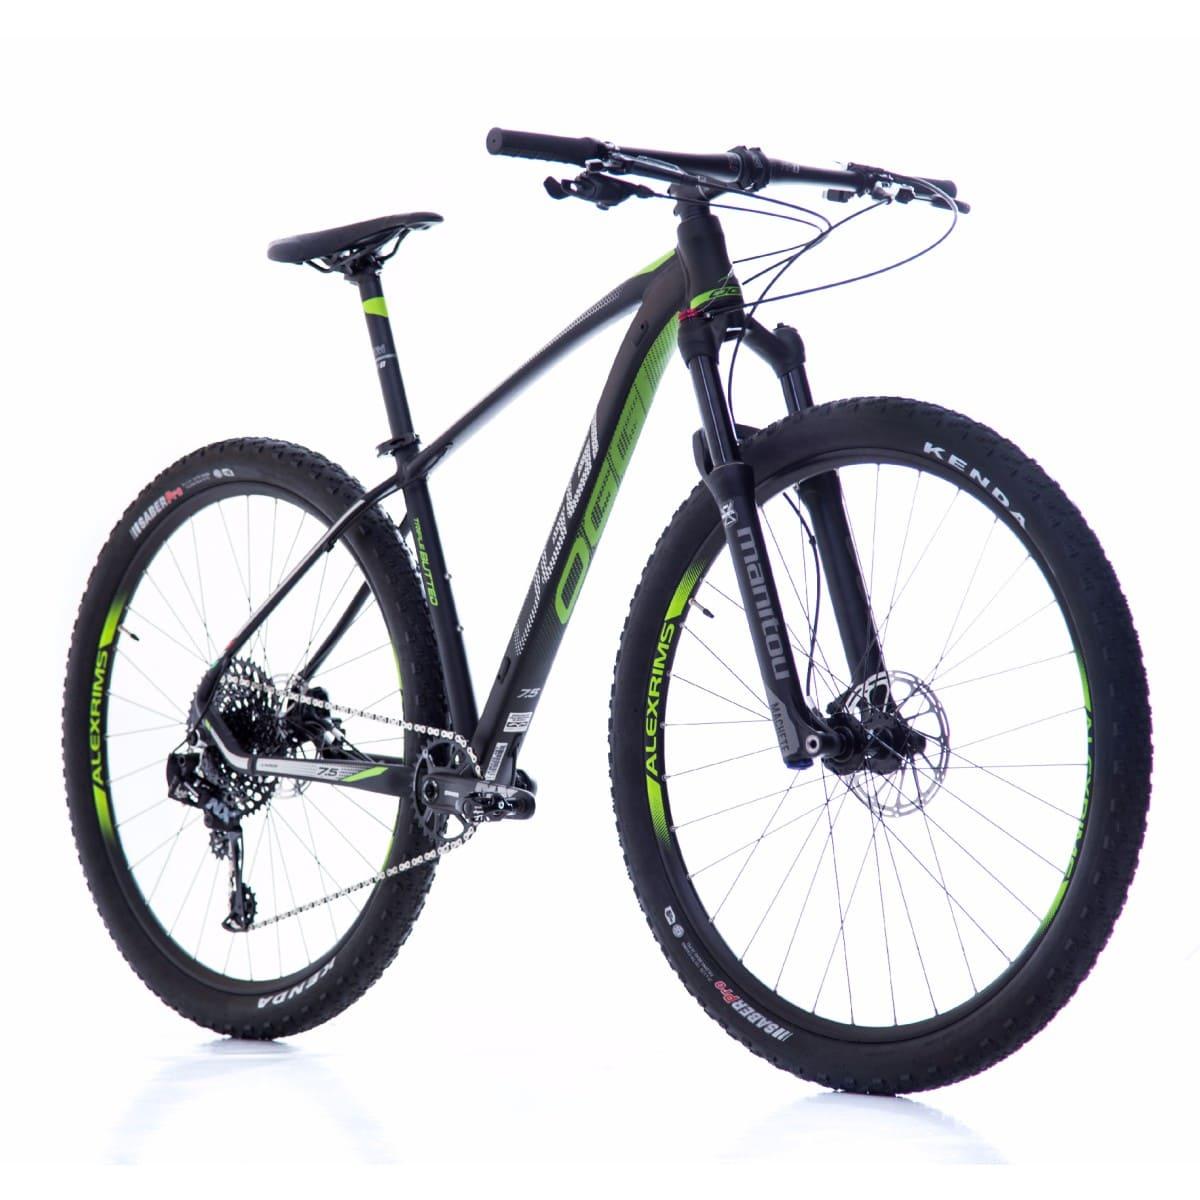 Bike Oggi Big Wheel 7.5 2019 Sram 12v 10/50